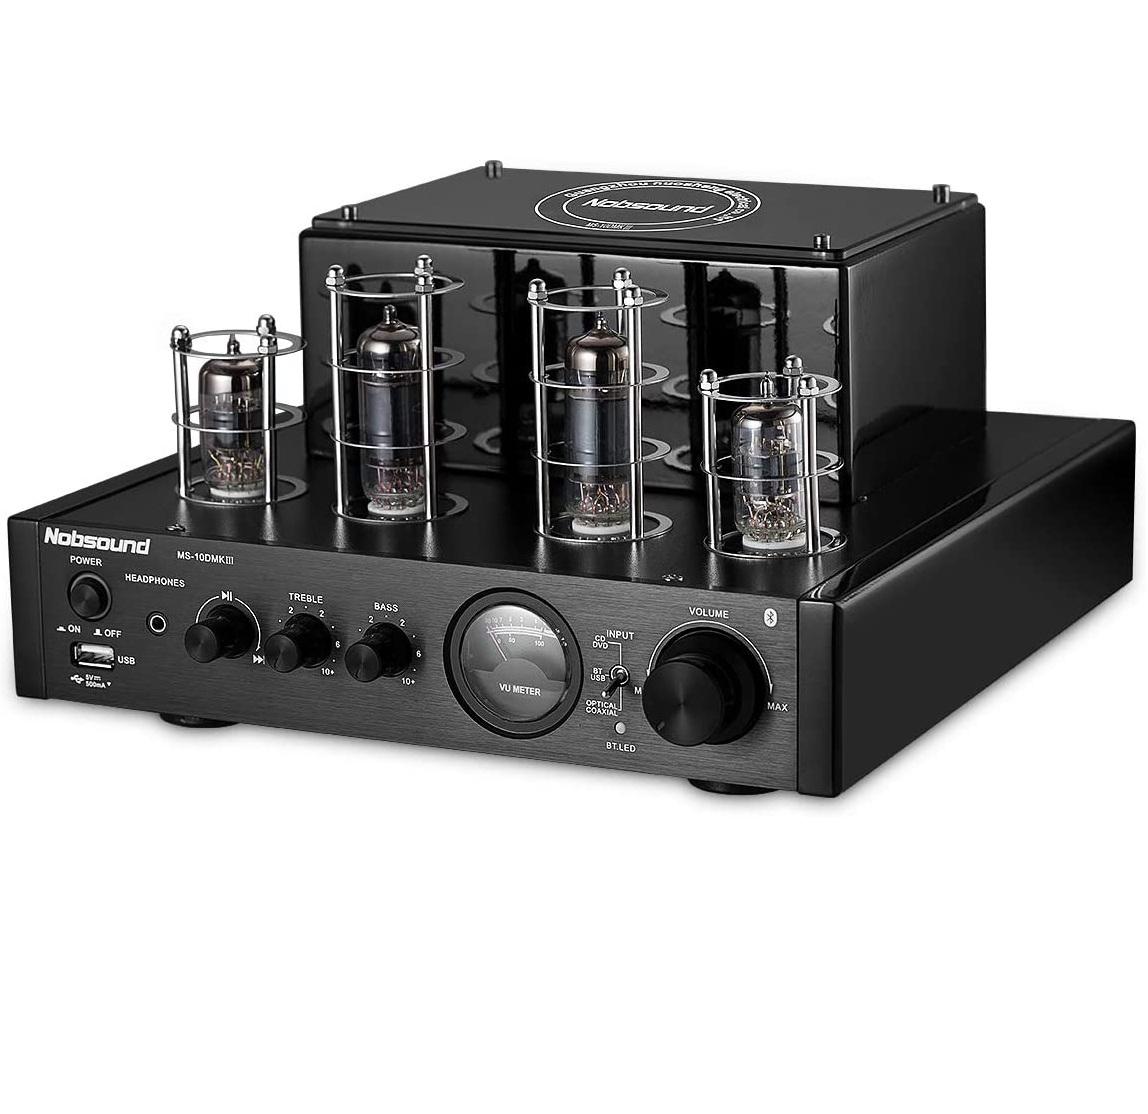 Bộ Amplifier Đèn Mini Bluetooth Nobsound MS-10DMKIII Cao Cấp - Hàng Chính Hãng